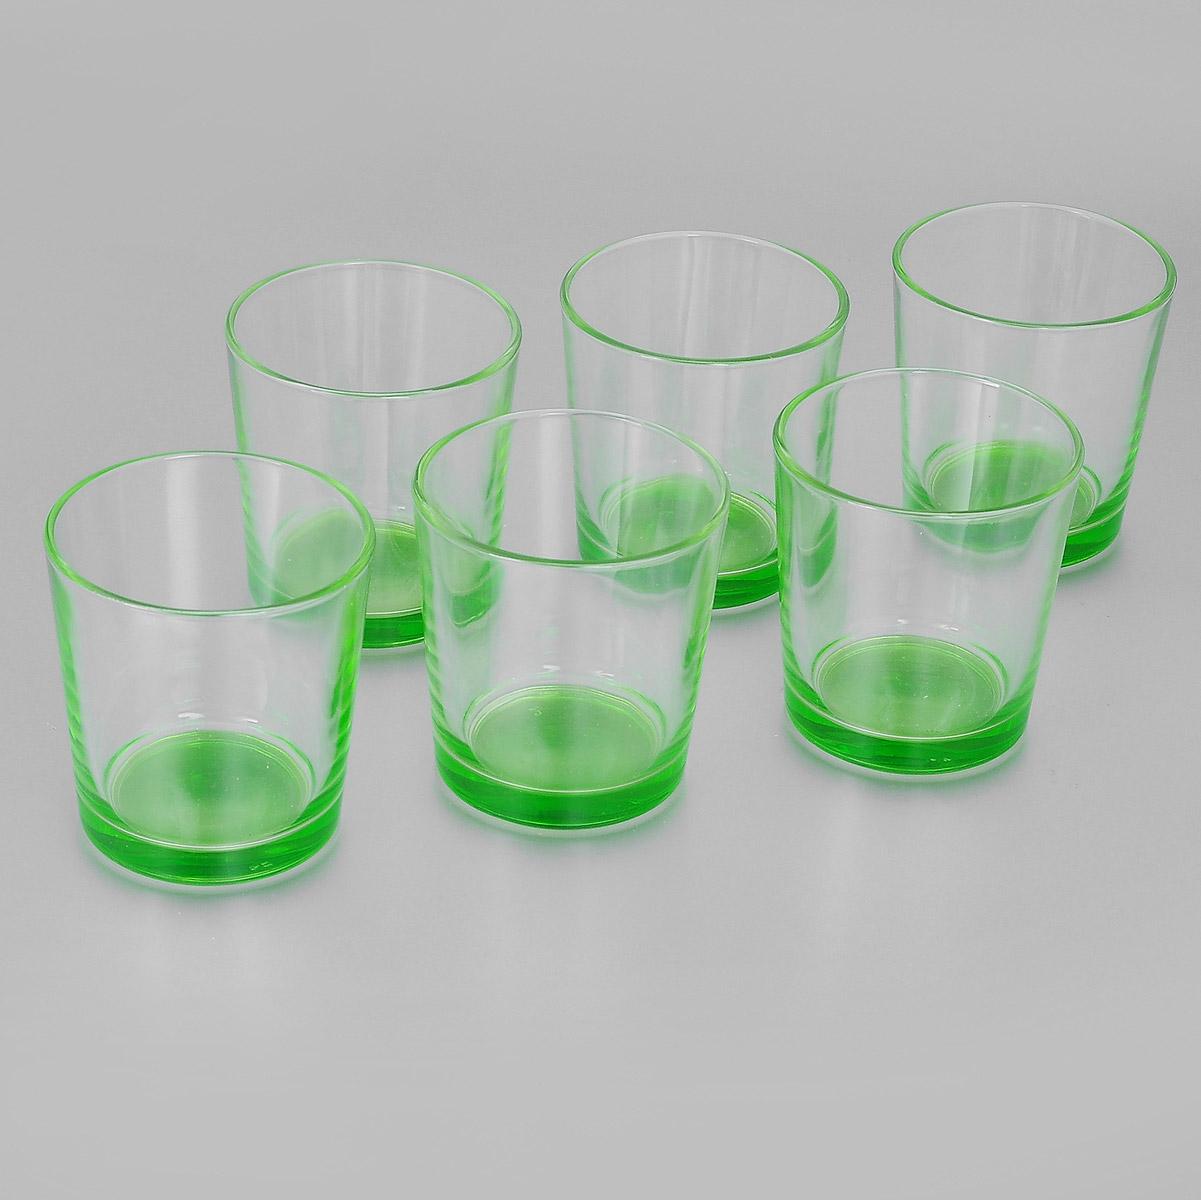 Набор стаканов Ода, цвет: салатовый, 250 мл, 6 шт. 1249-Н1249-ННабор Ода состоит из шести стаканов с цветным дном, изготовленных из высококачественного стекла. Чистые цвета, плавные линии и совершенные формы предметов вызывают восхищение, а элегантный дизайн набора привлечет к себе внимание и украсит интерьер. Стаканы идеально подойдут для сервировки стола и станут отличным подарком к любому празднику.